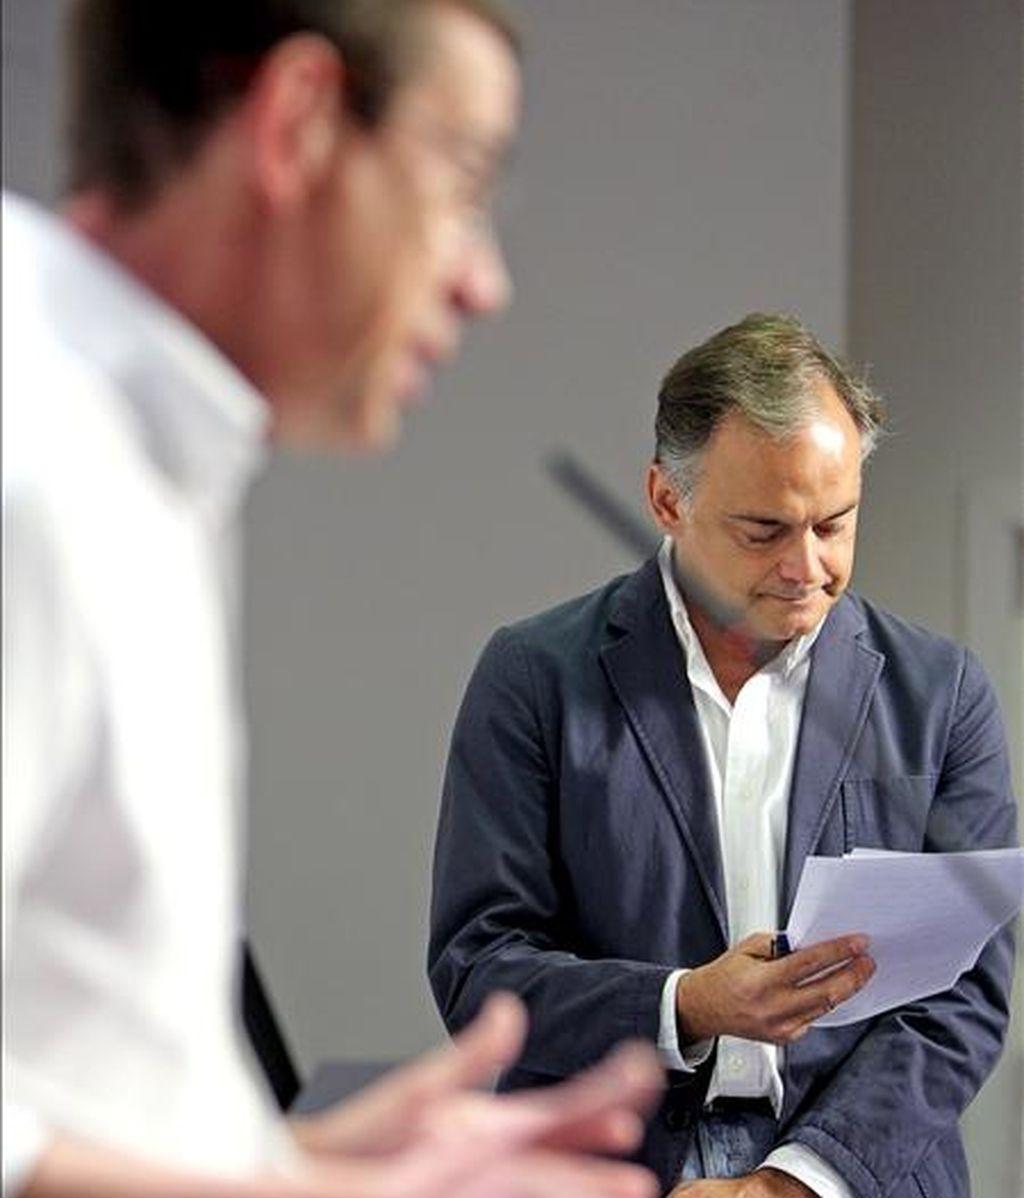 El vicesecretario de Comunicación del Partido Popular, Esteban González Pons (d), repasa unas notas ante el secretario general del PP-CV, Antonio Clemente. EFE